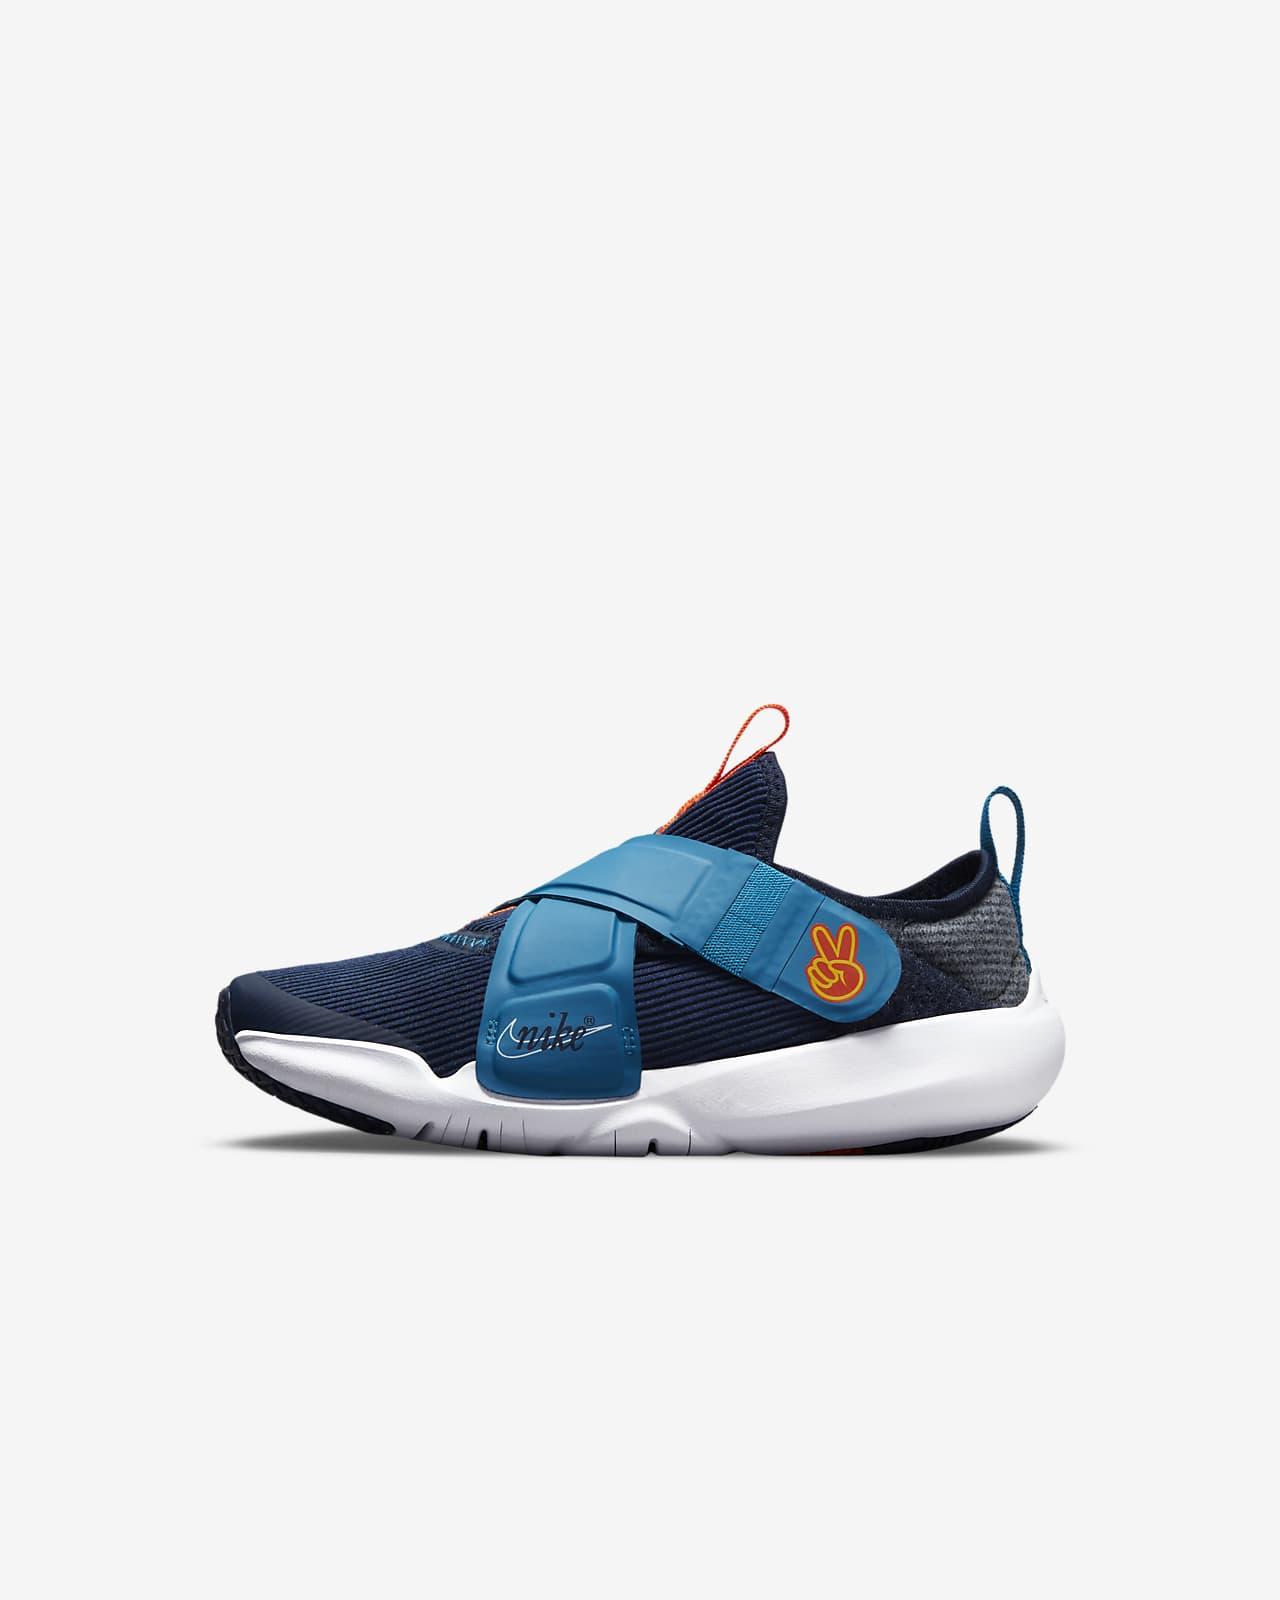 Παπούτσι Nike Flex Advance SE για μικρά παιδιά